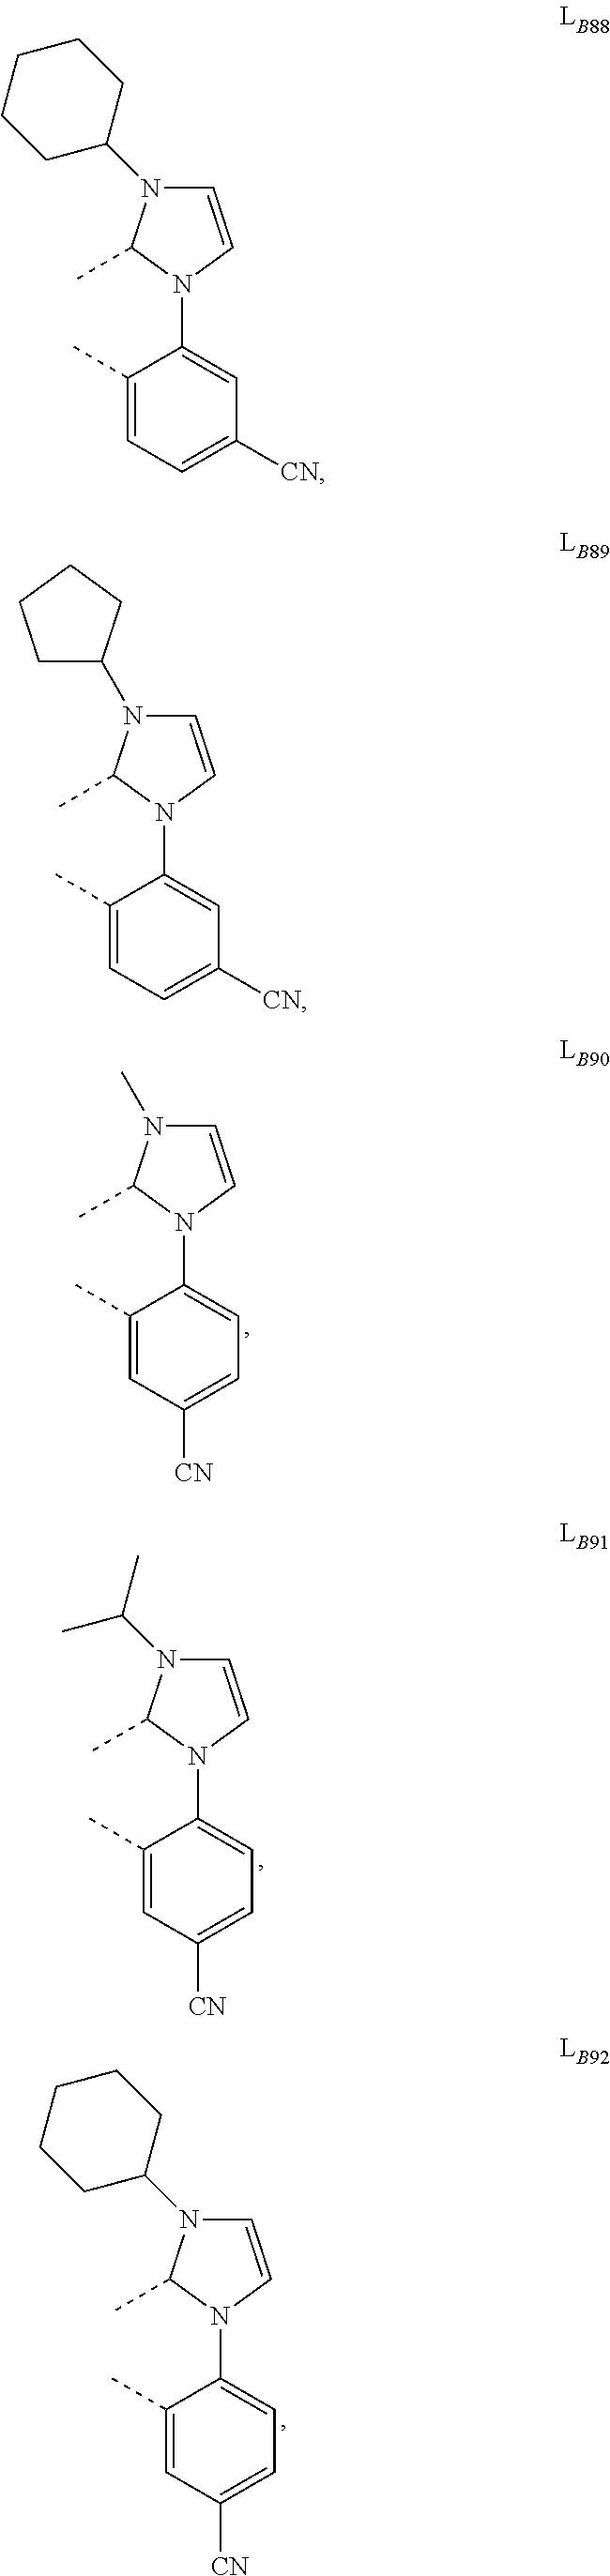 Figure US09905785-20180227-C00517